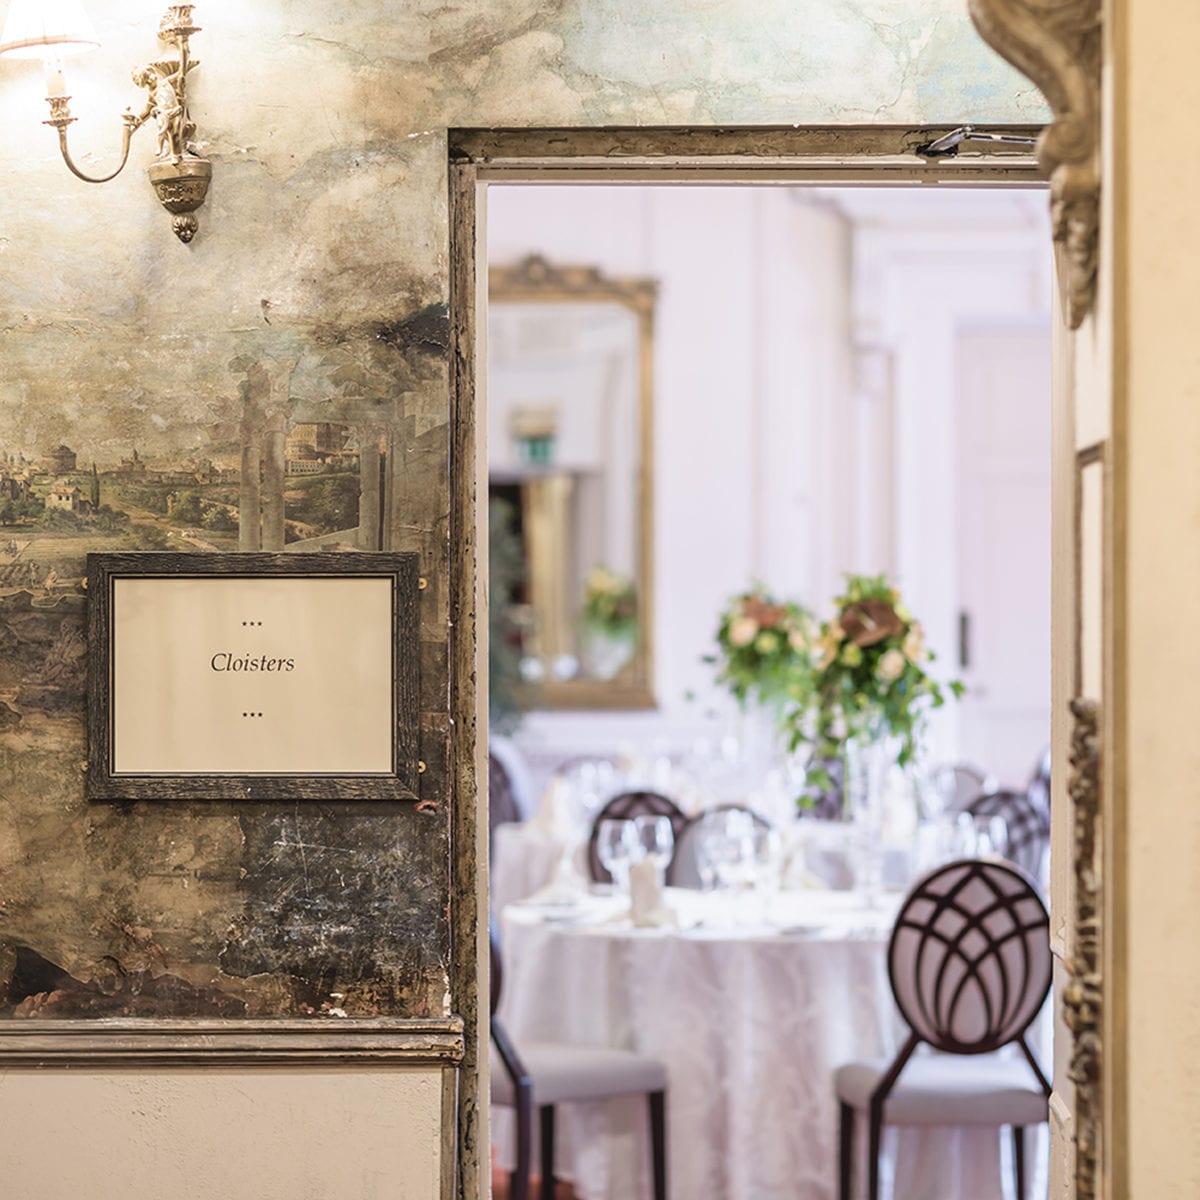 Cloister's Restaurant